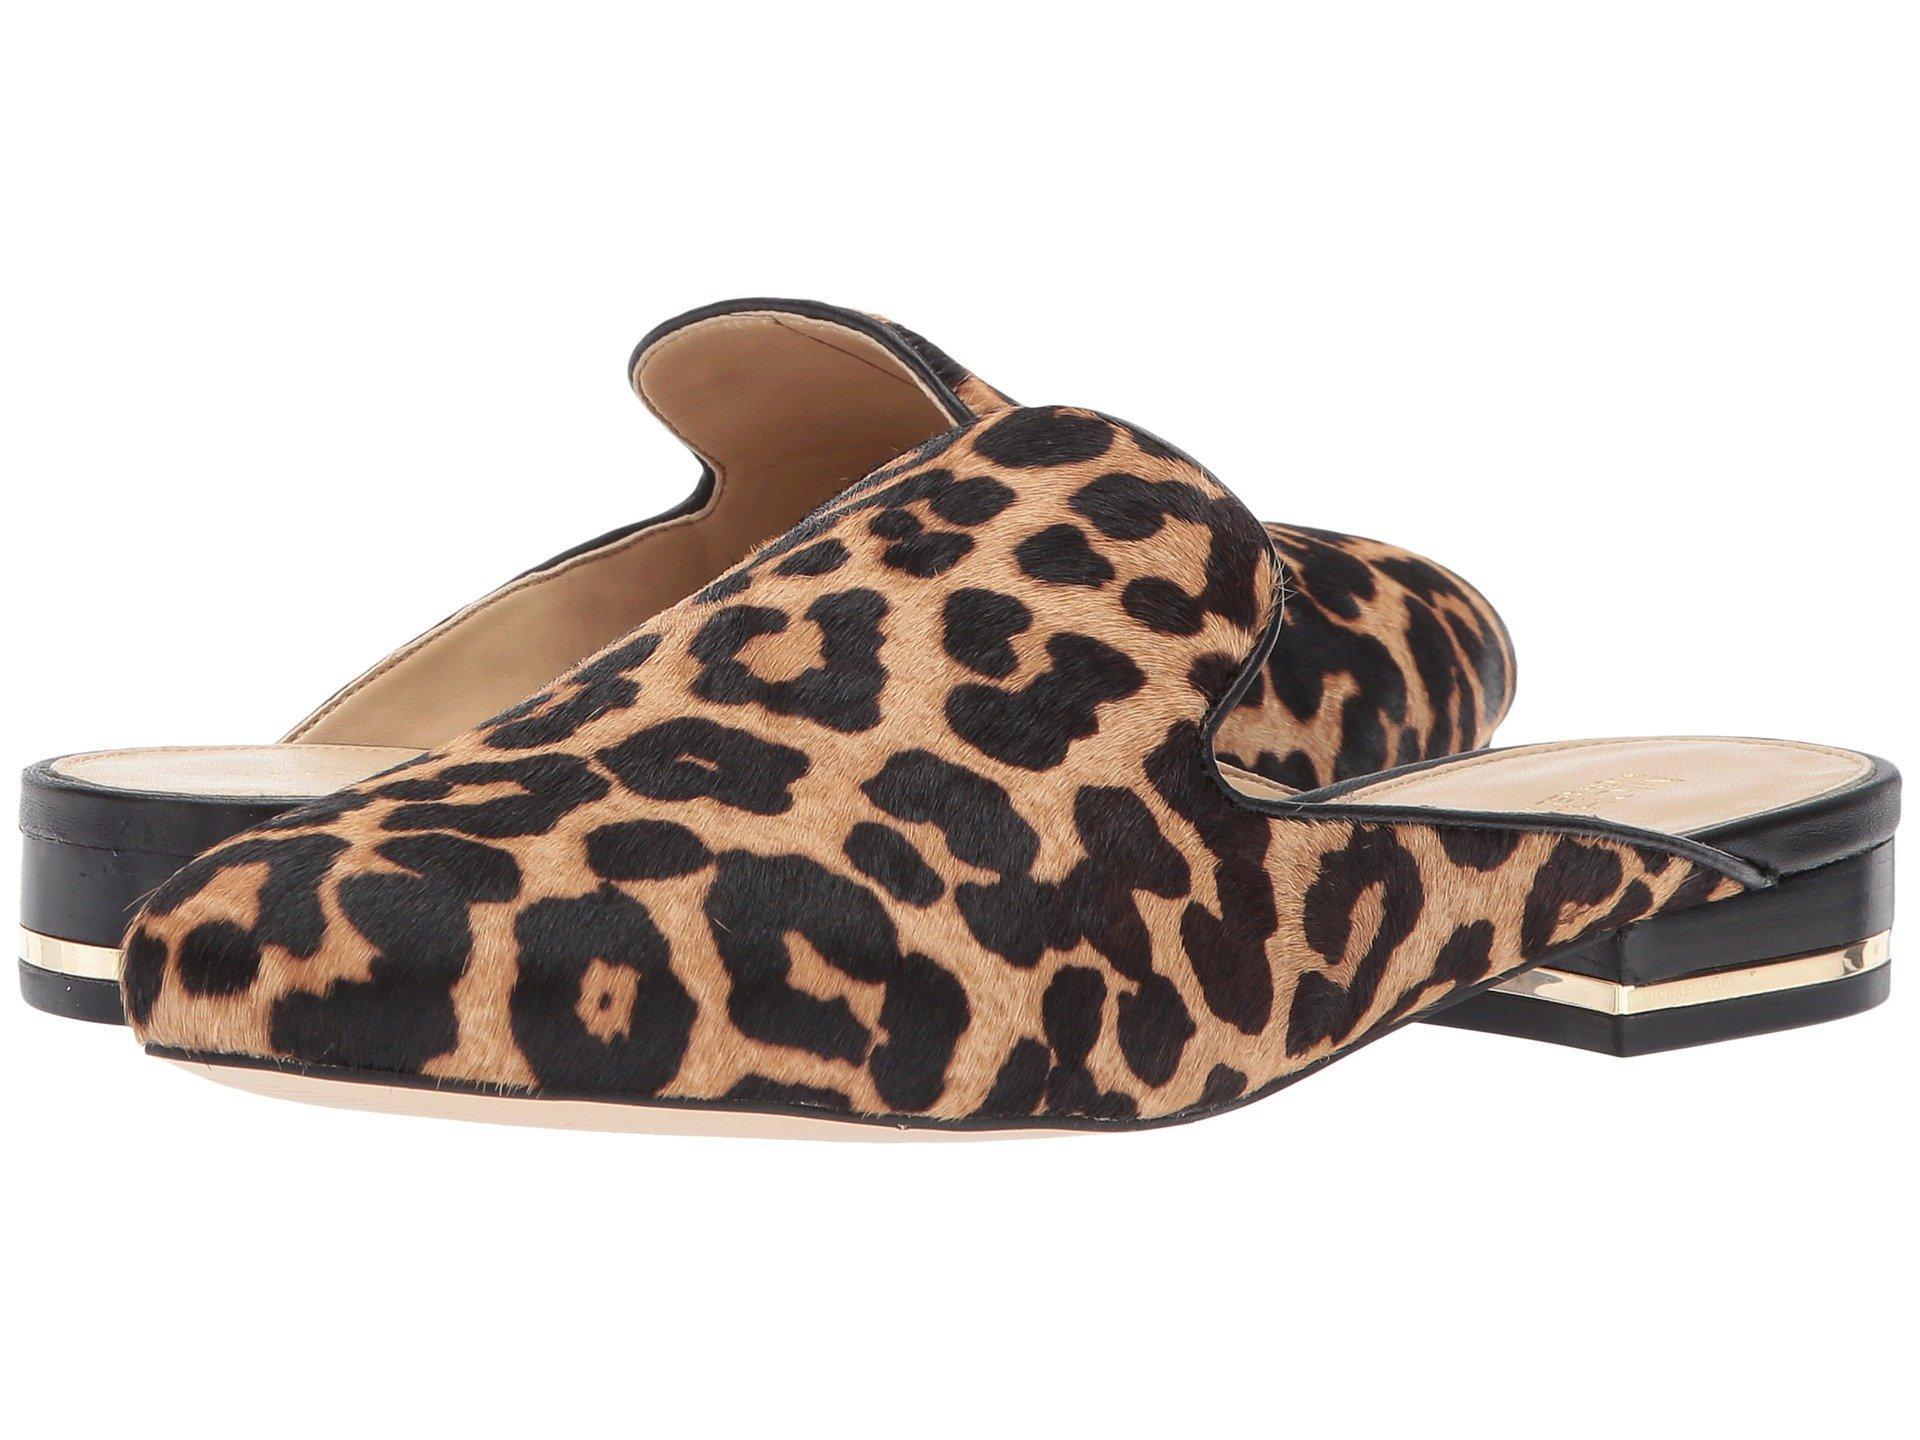 91f786ded6 Michael Michael Kors Natasha Slide In Natural/Black Cheetah Haircalf/Nappa 1